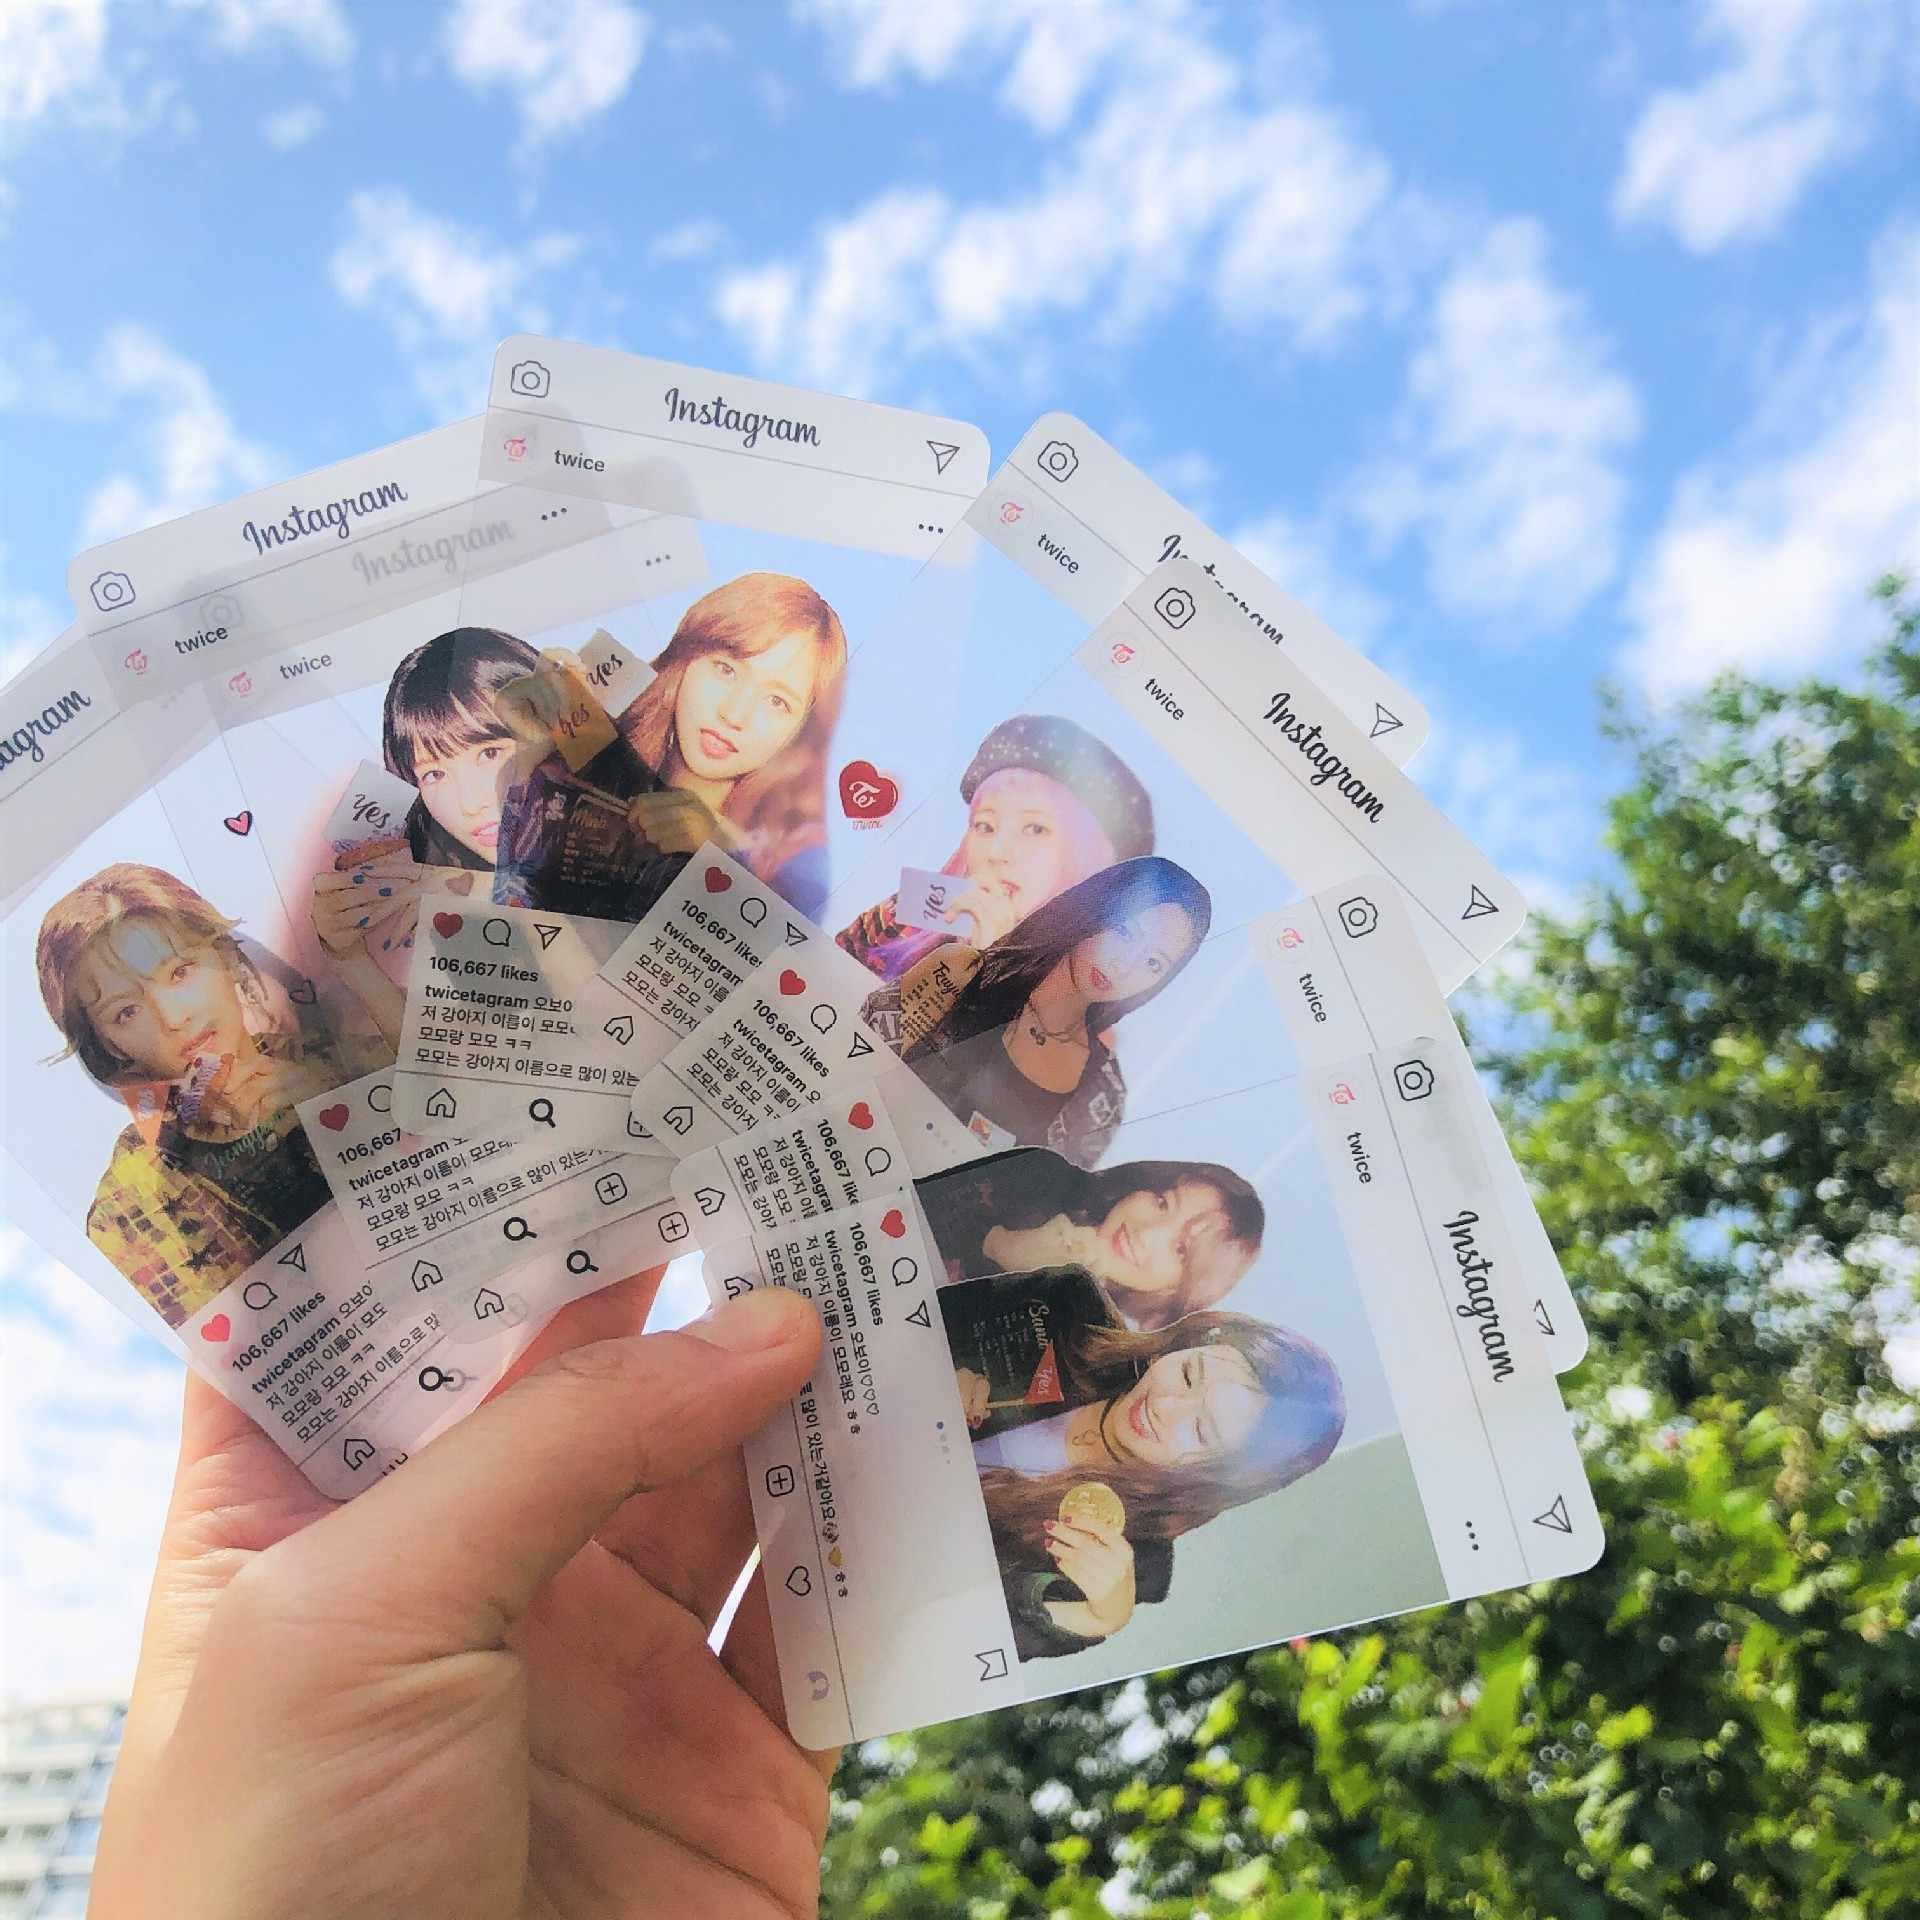 9 Cái/bộ Kpop Hai Lần Ins Trong Suốt Photocard Hàng Mới Về Chất Lượng Tốt Thẻ Hình Ảnh Hai Lần Kpop Tiếp Liệu Whloesale Giá